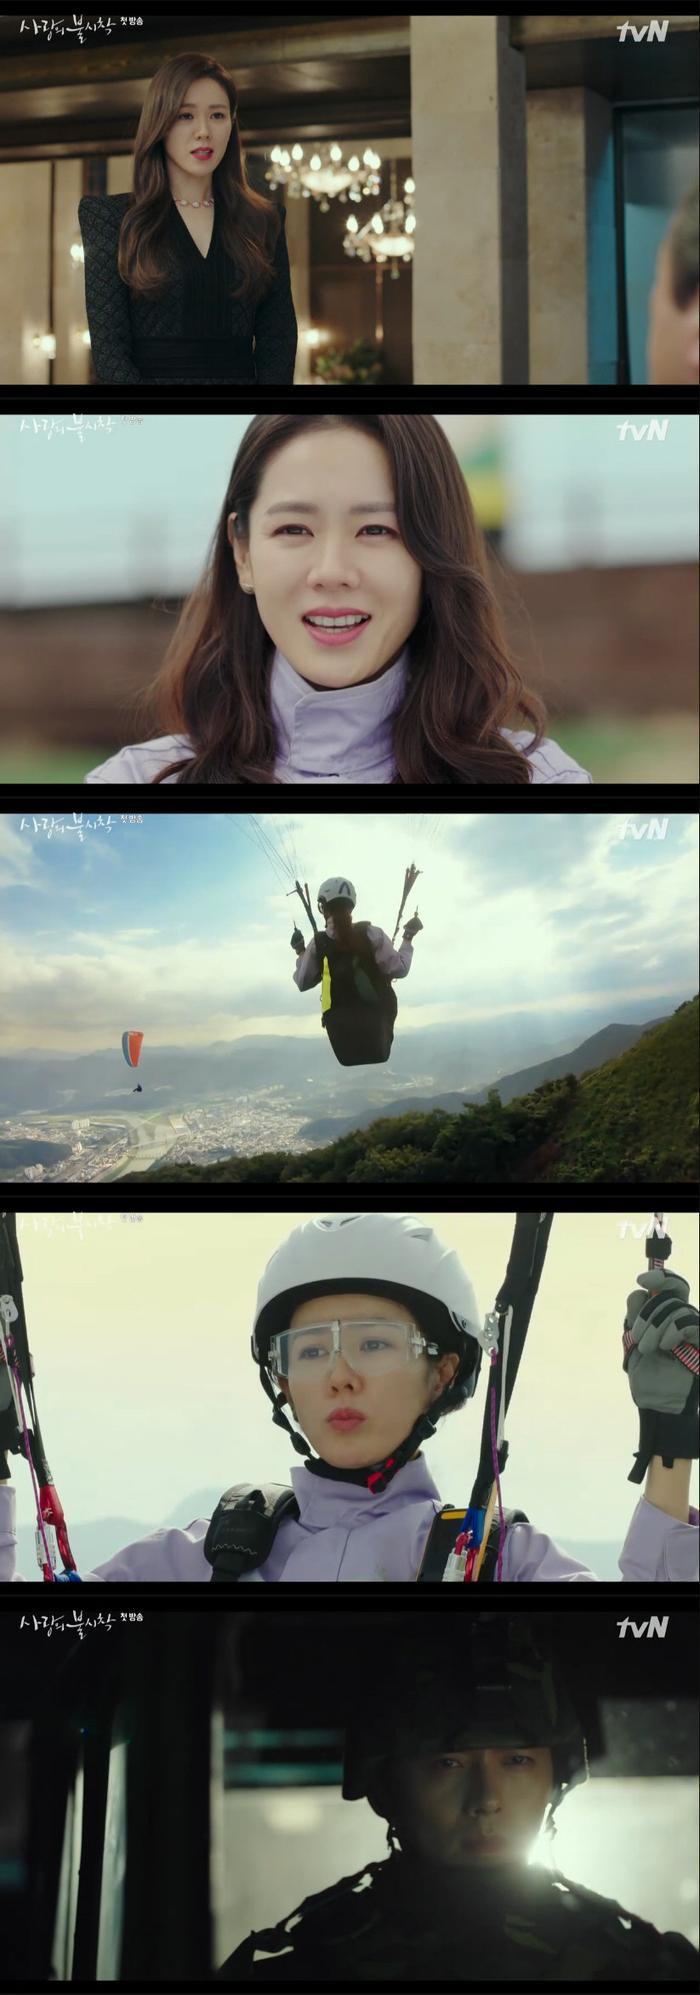 Hạ cánh nơi anh tập 1: Knet chỉ trích nhân vật của Hyun Bin, chê bai thậm tệ diễn xuất của Son Ye Jin ảnh 0